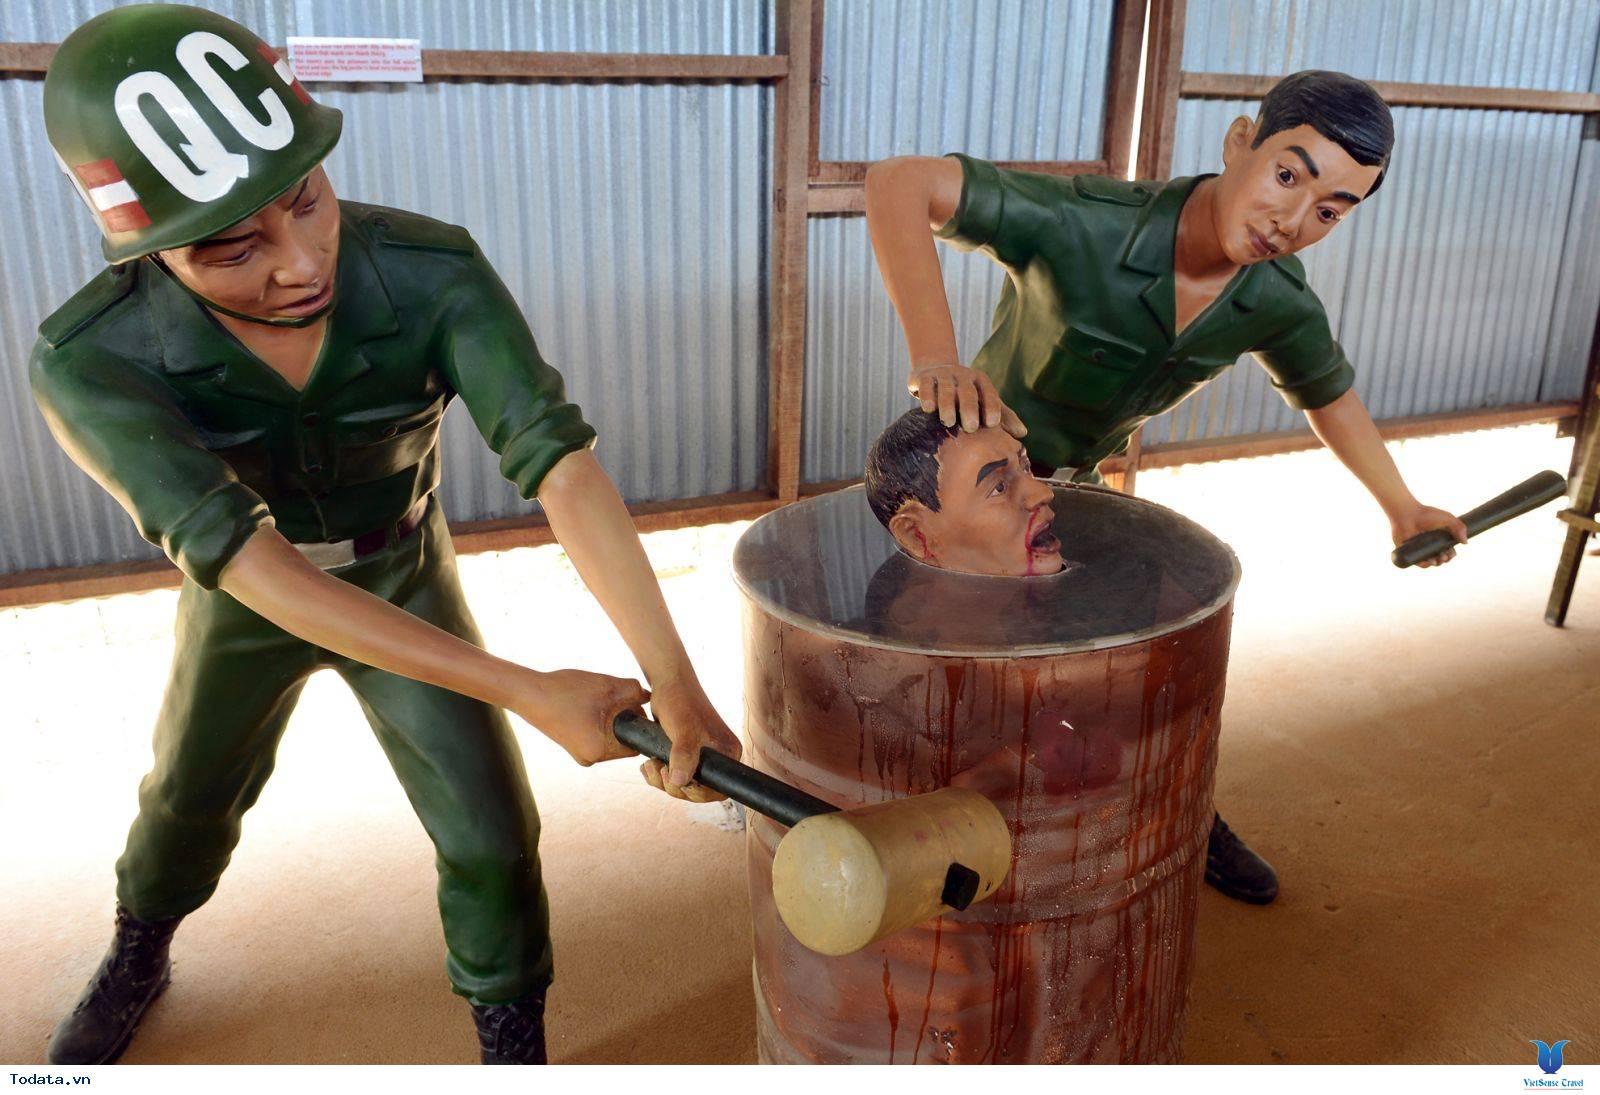 Nhà lao  cây dừa, chứng tích chiến tranh không thể quên - Ảnh 4